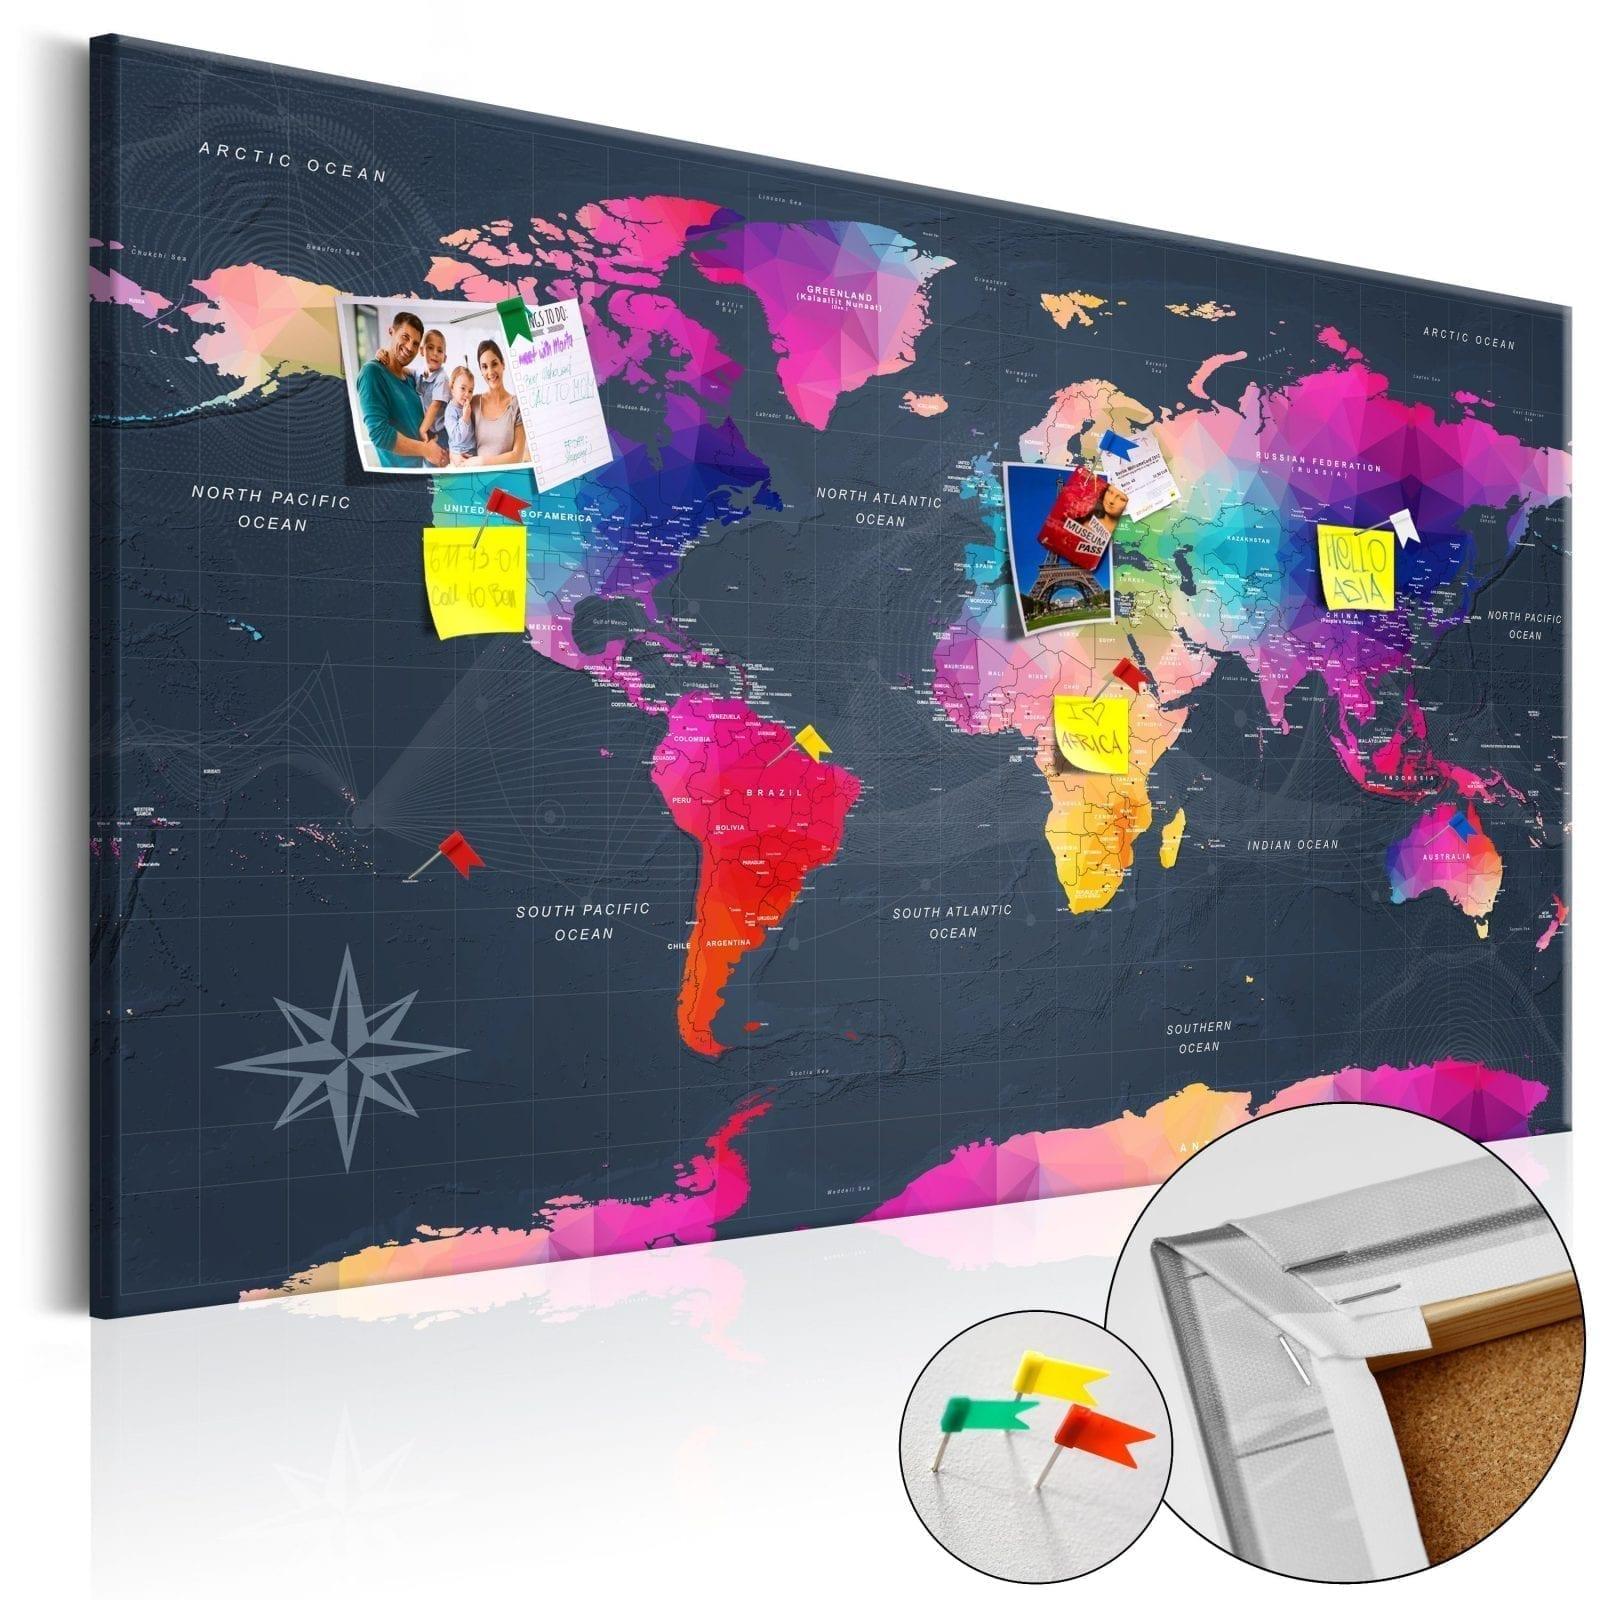 Tablero de corcho - Colourful Crystals 1 | Potspintura.com